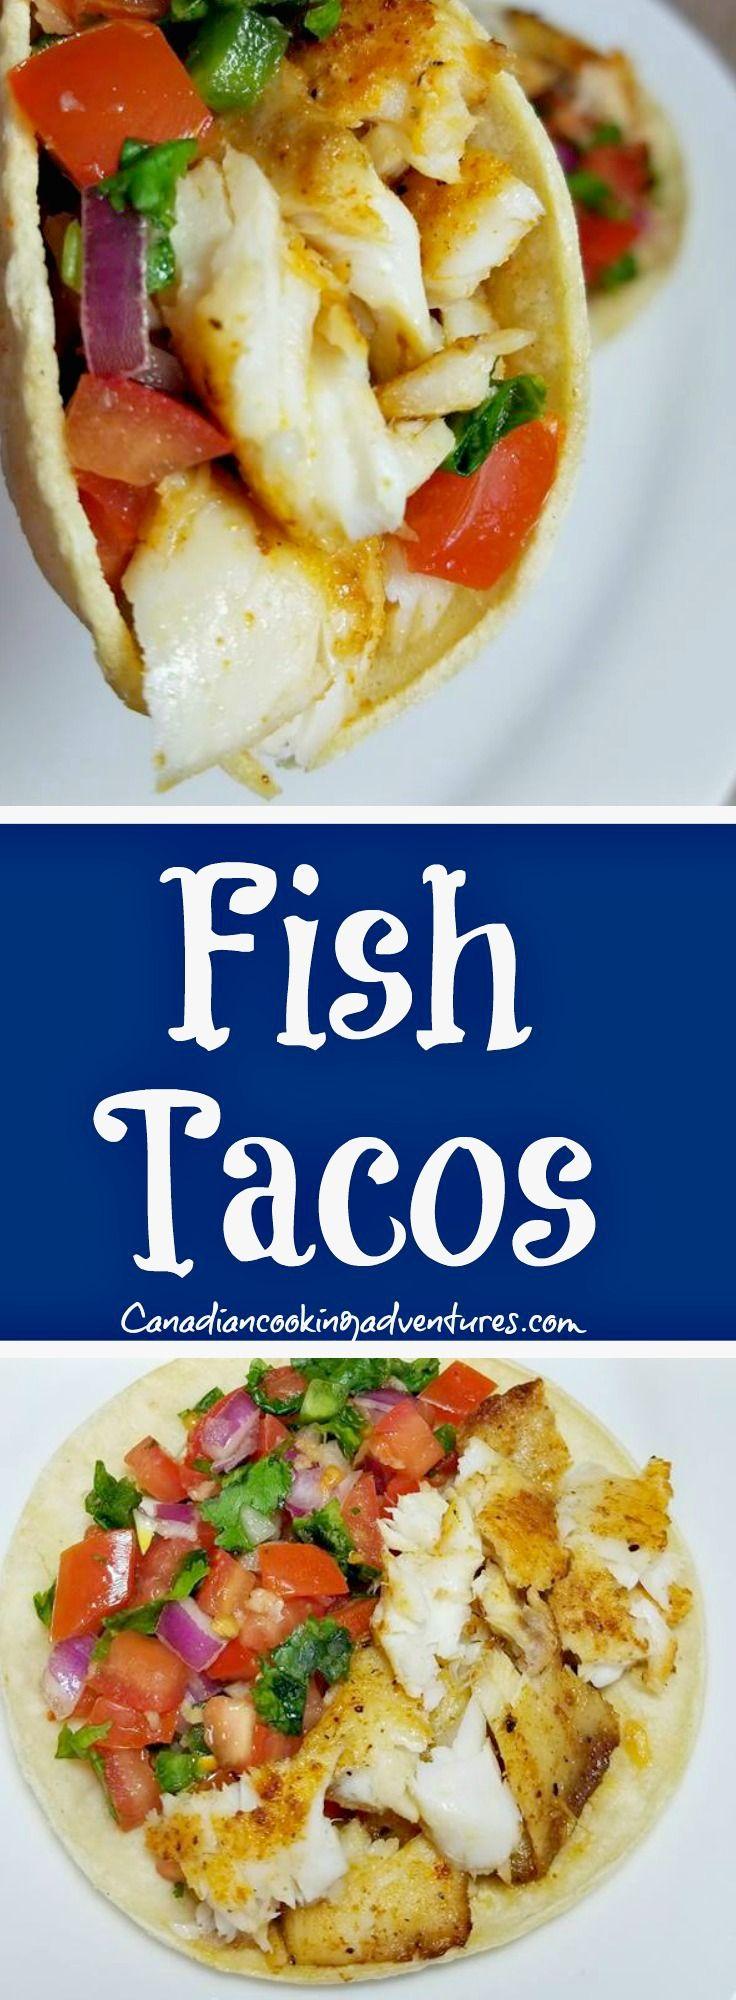 Fish Tacos #fish #tacos #taco #tilapia #picodegallo #salsa #mexican #seafood #tortilla